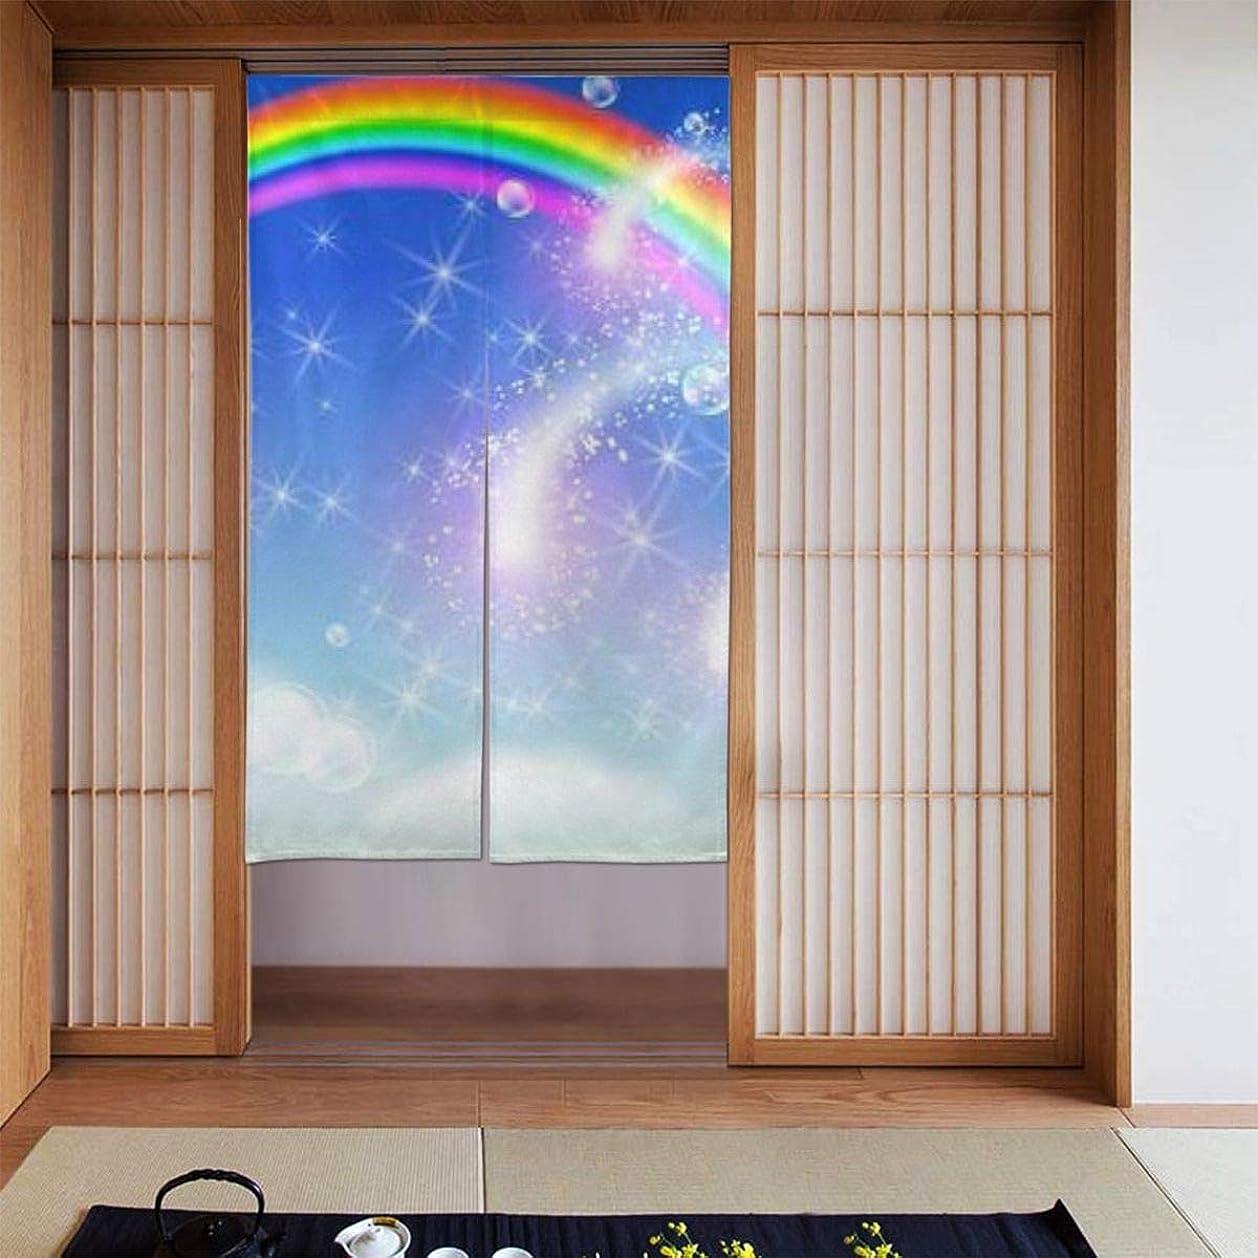 大人イライラするアプローチ家の装飾日本の伝統、空の虹と敬礼、キッチン居酒屋の影の家の装飾を分割するために使用